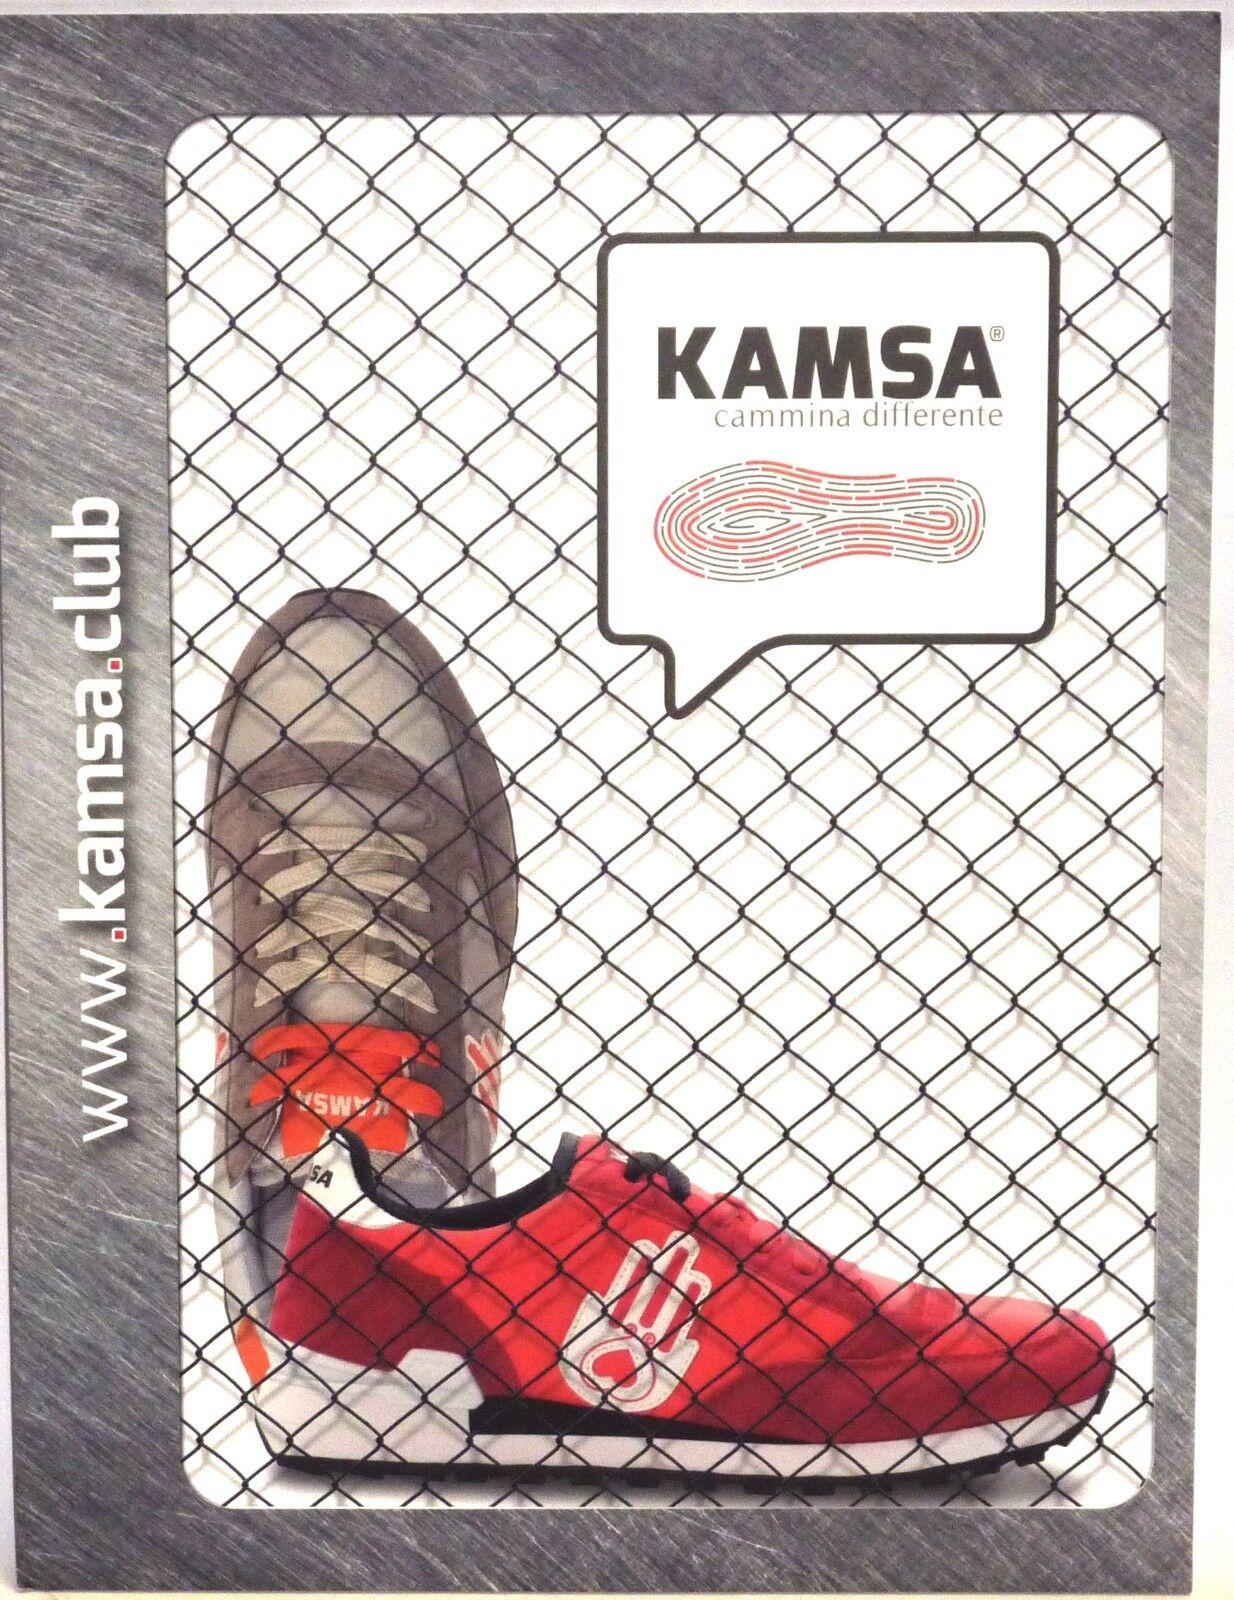 KAMSAS Licht Herrenschuhe Casual Tennis anschnallen Licht KAMSAS aus Microfiber rot n. 43 25a00f